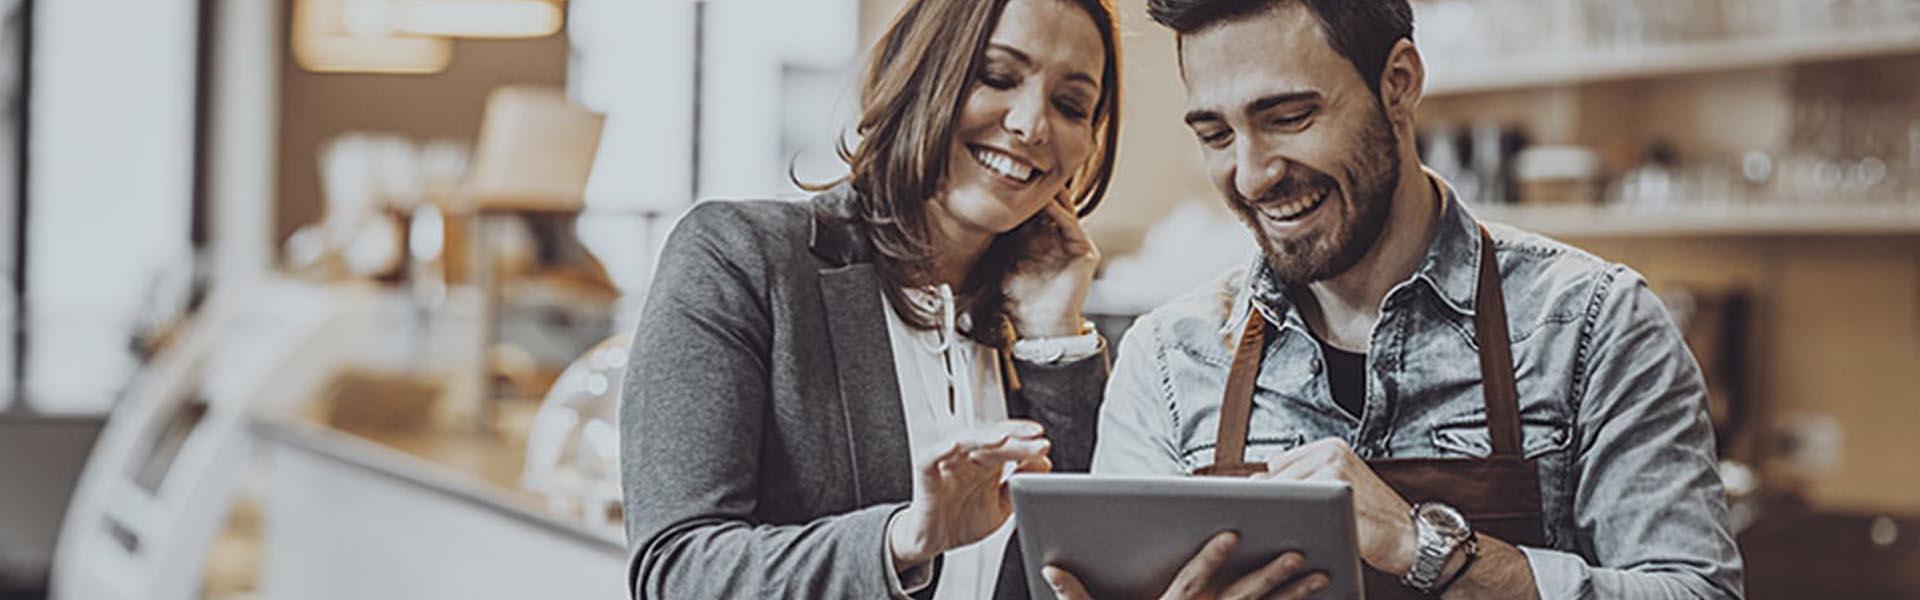 Mulher e homem a consultarem um tablet num comércio de retalho